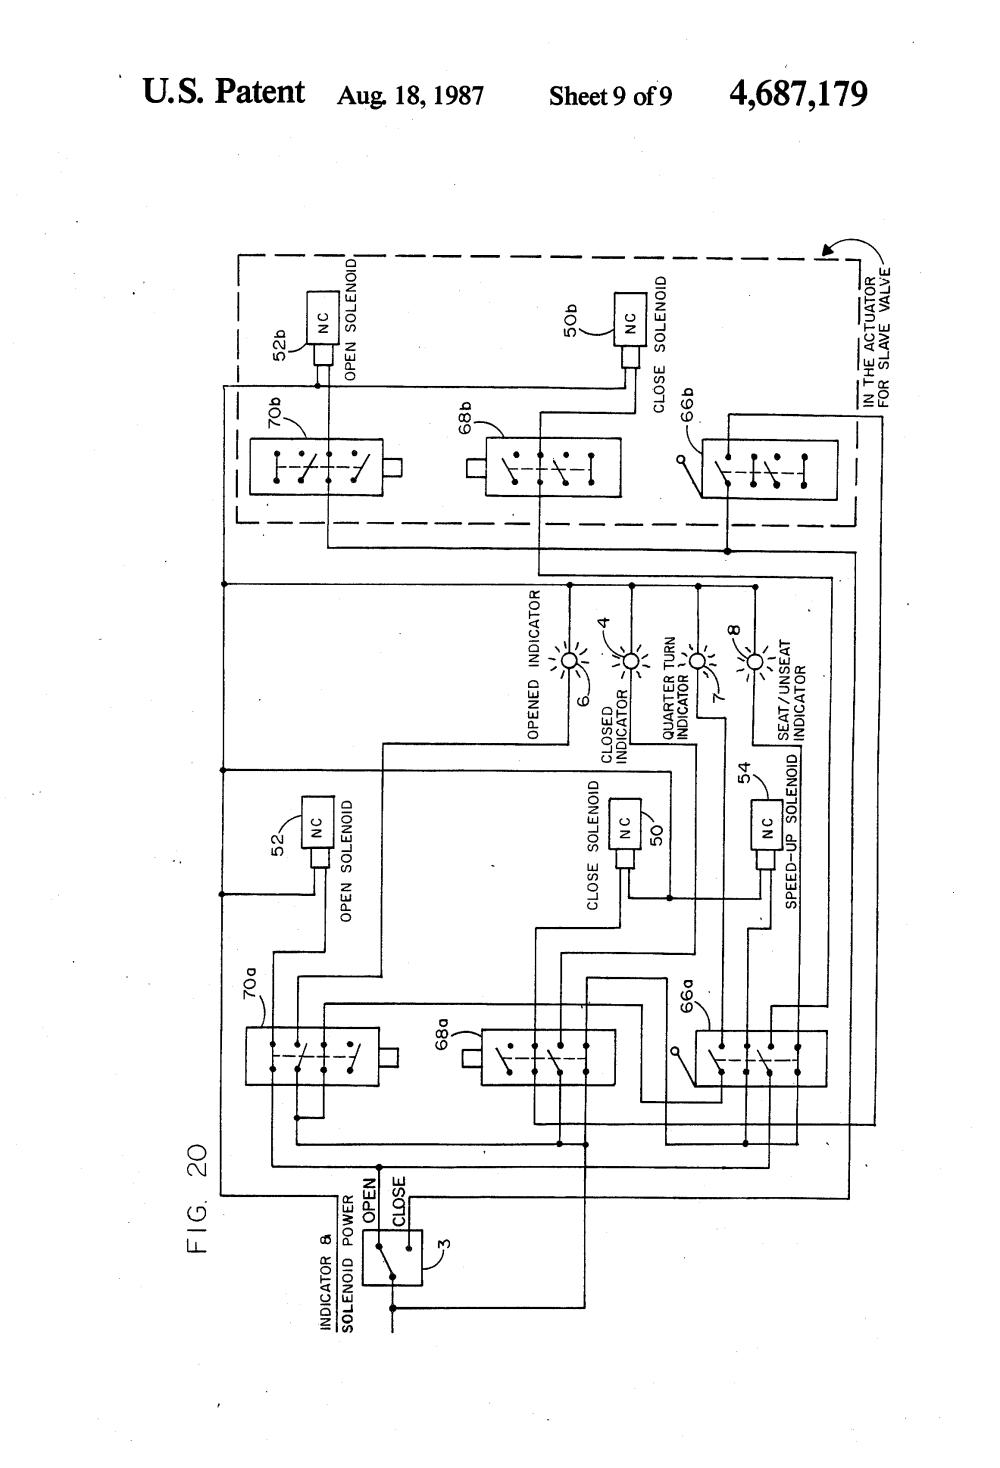 medium resolution of 83 jeep cj7 fuse box diagram jeep cj7 engine elsavadorla 1985 jeep cj7 wiring diagram jeep cj7 heater wiring diagram